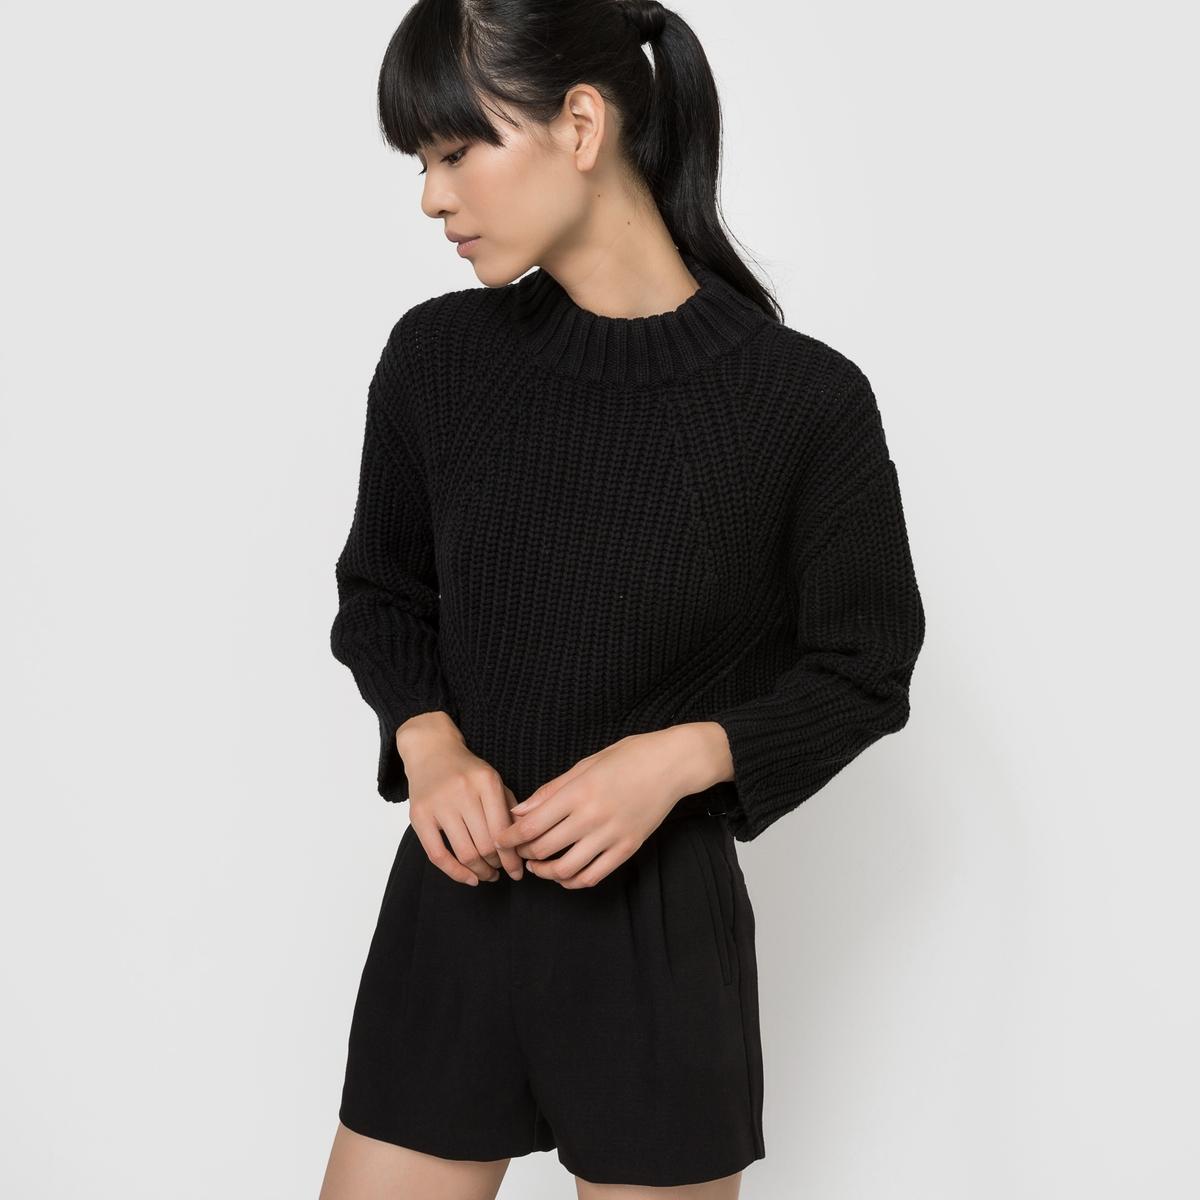 Пуловер со стоячим воротникомСостав и описаниеМатериалы : 60% хлопка, 40% акрилаМарка : See U SoonУходСледуйте рекомендациям по уходу, указанным на этикетке<br><br>Цвет: черный